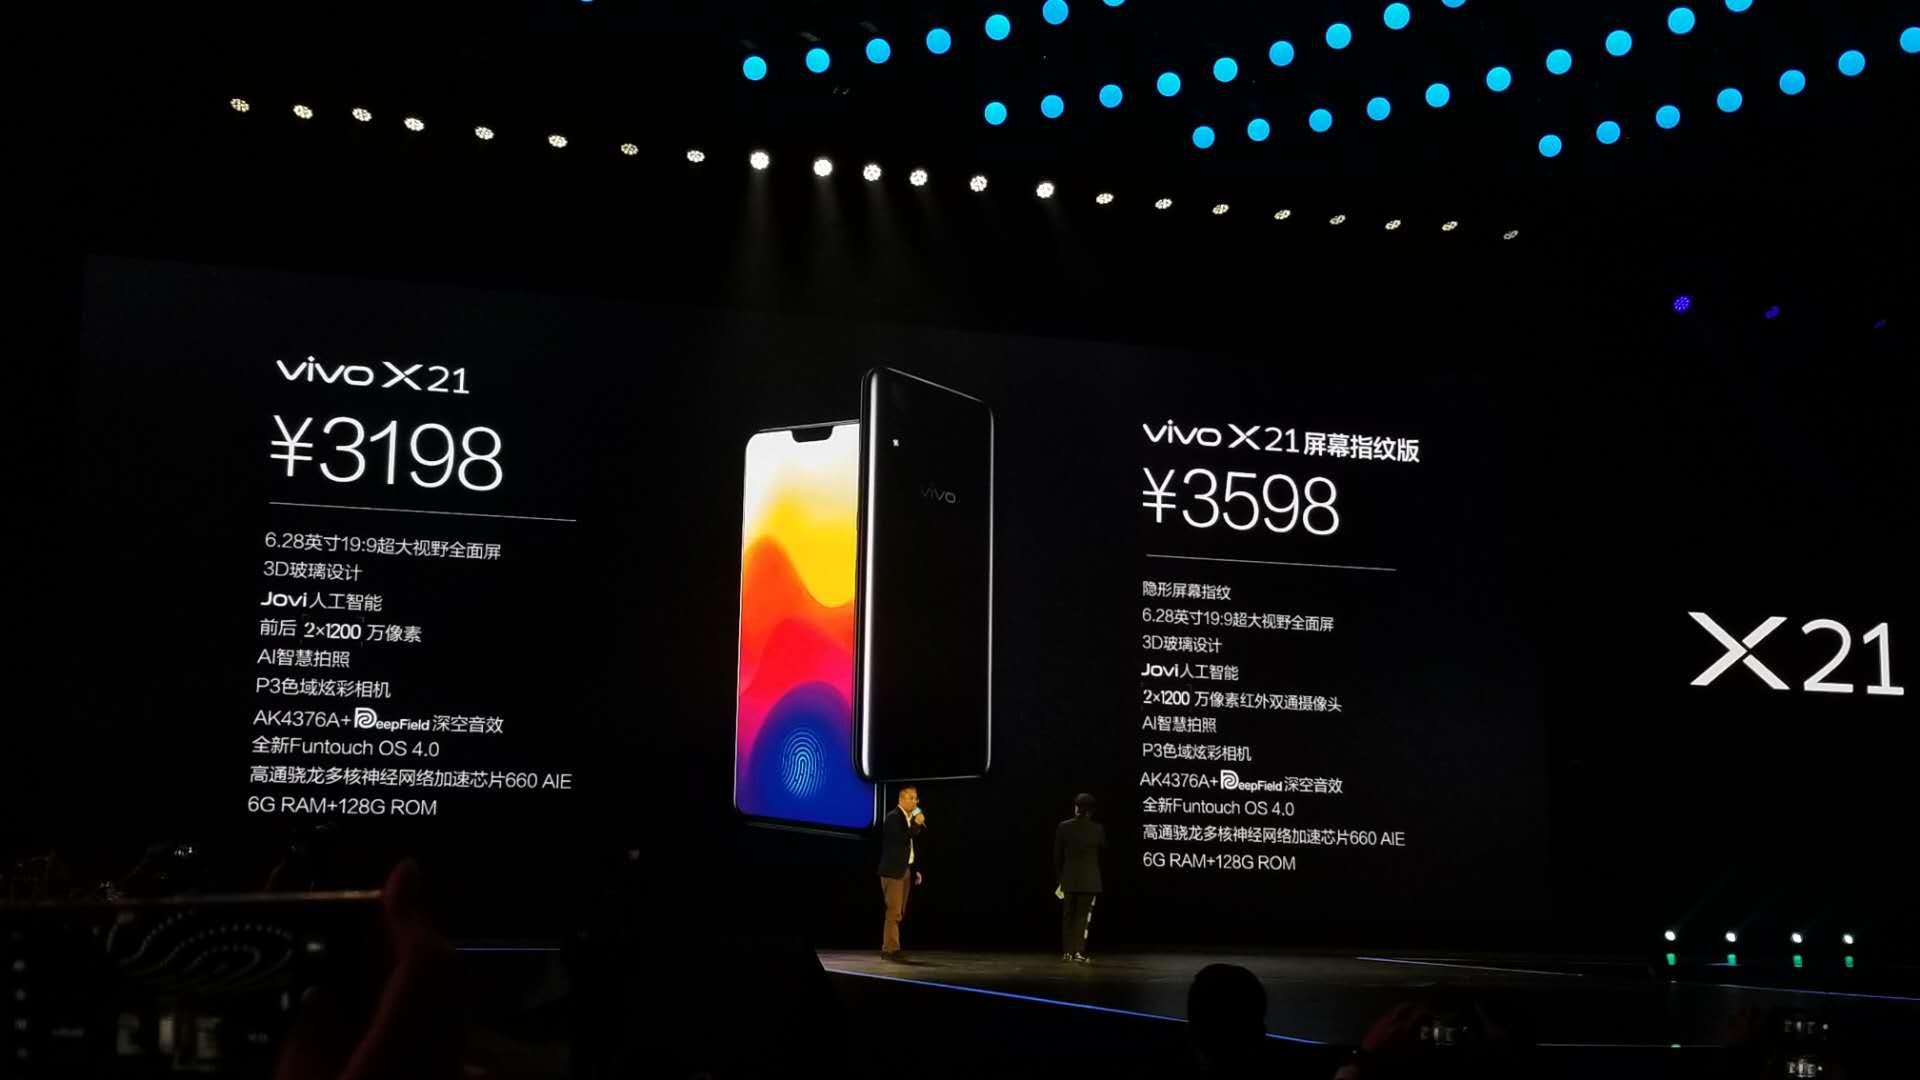 首发骁龙660AIE芯片 vivo X21发布深度融入AI